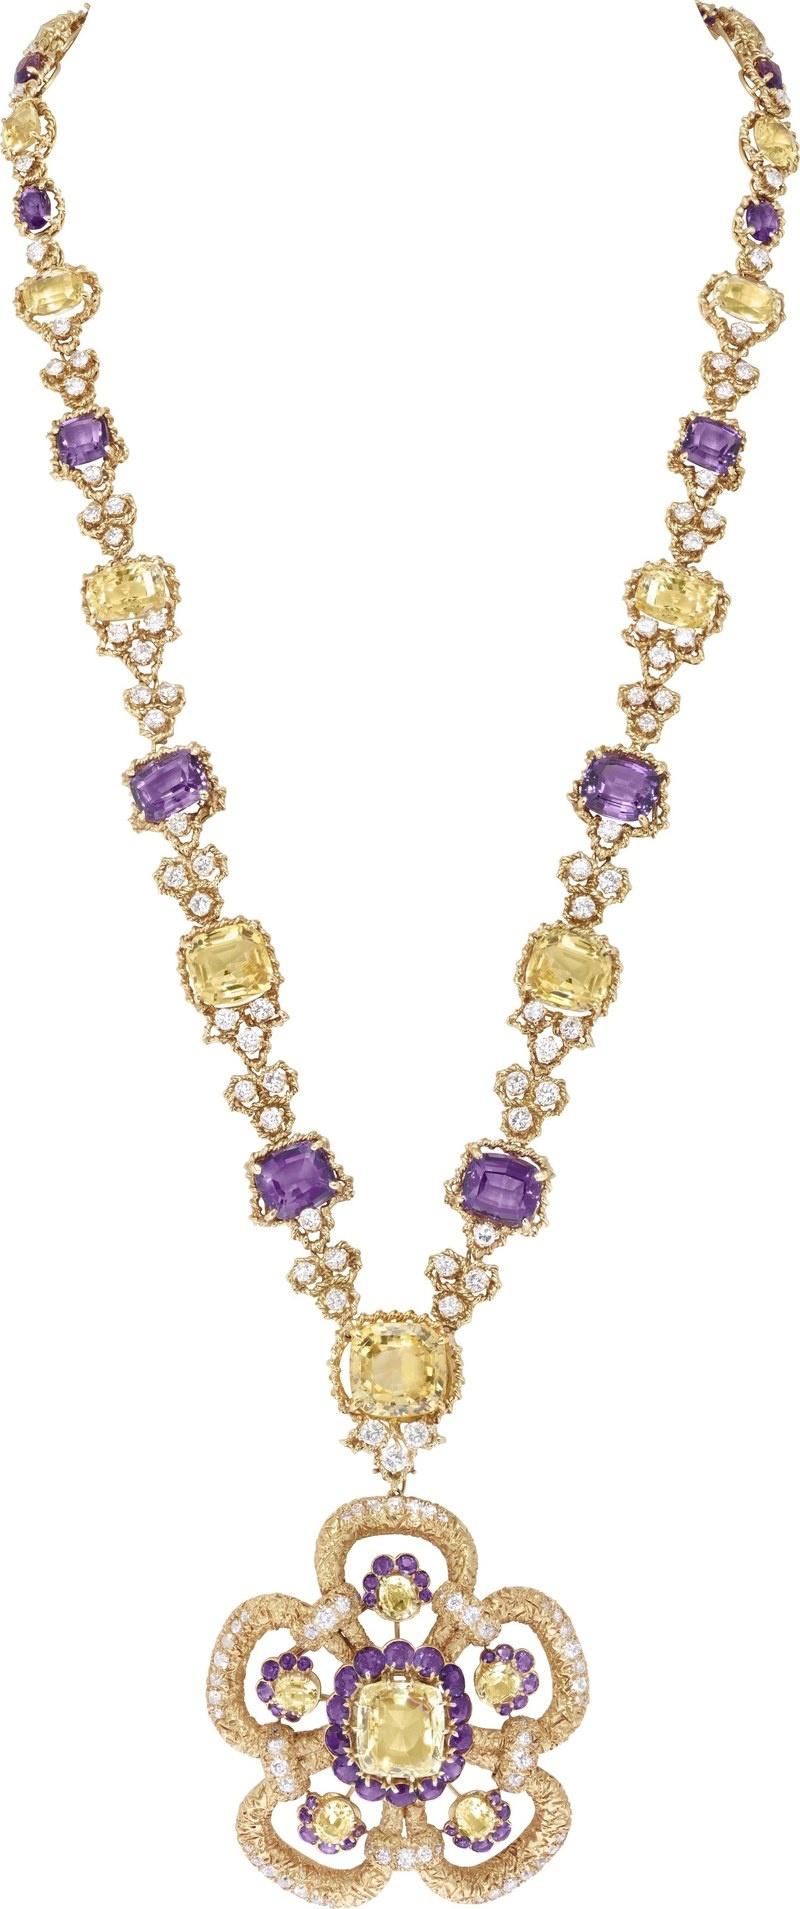 只要你有钱 这些7000多年历史的古董珠宝随便带走(1)